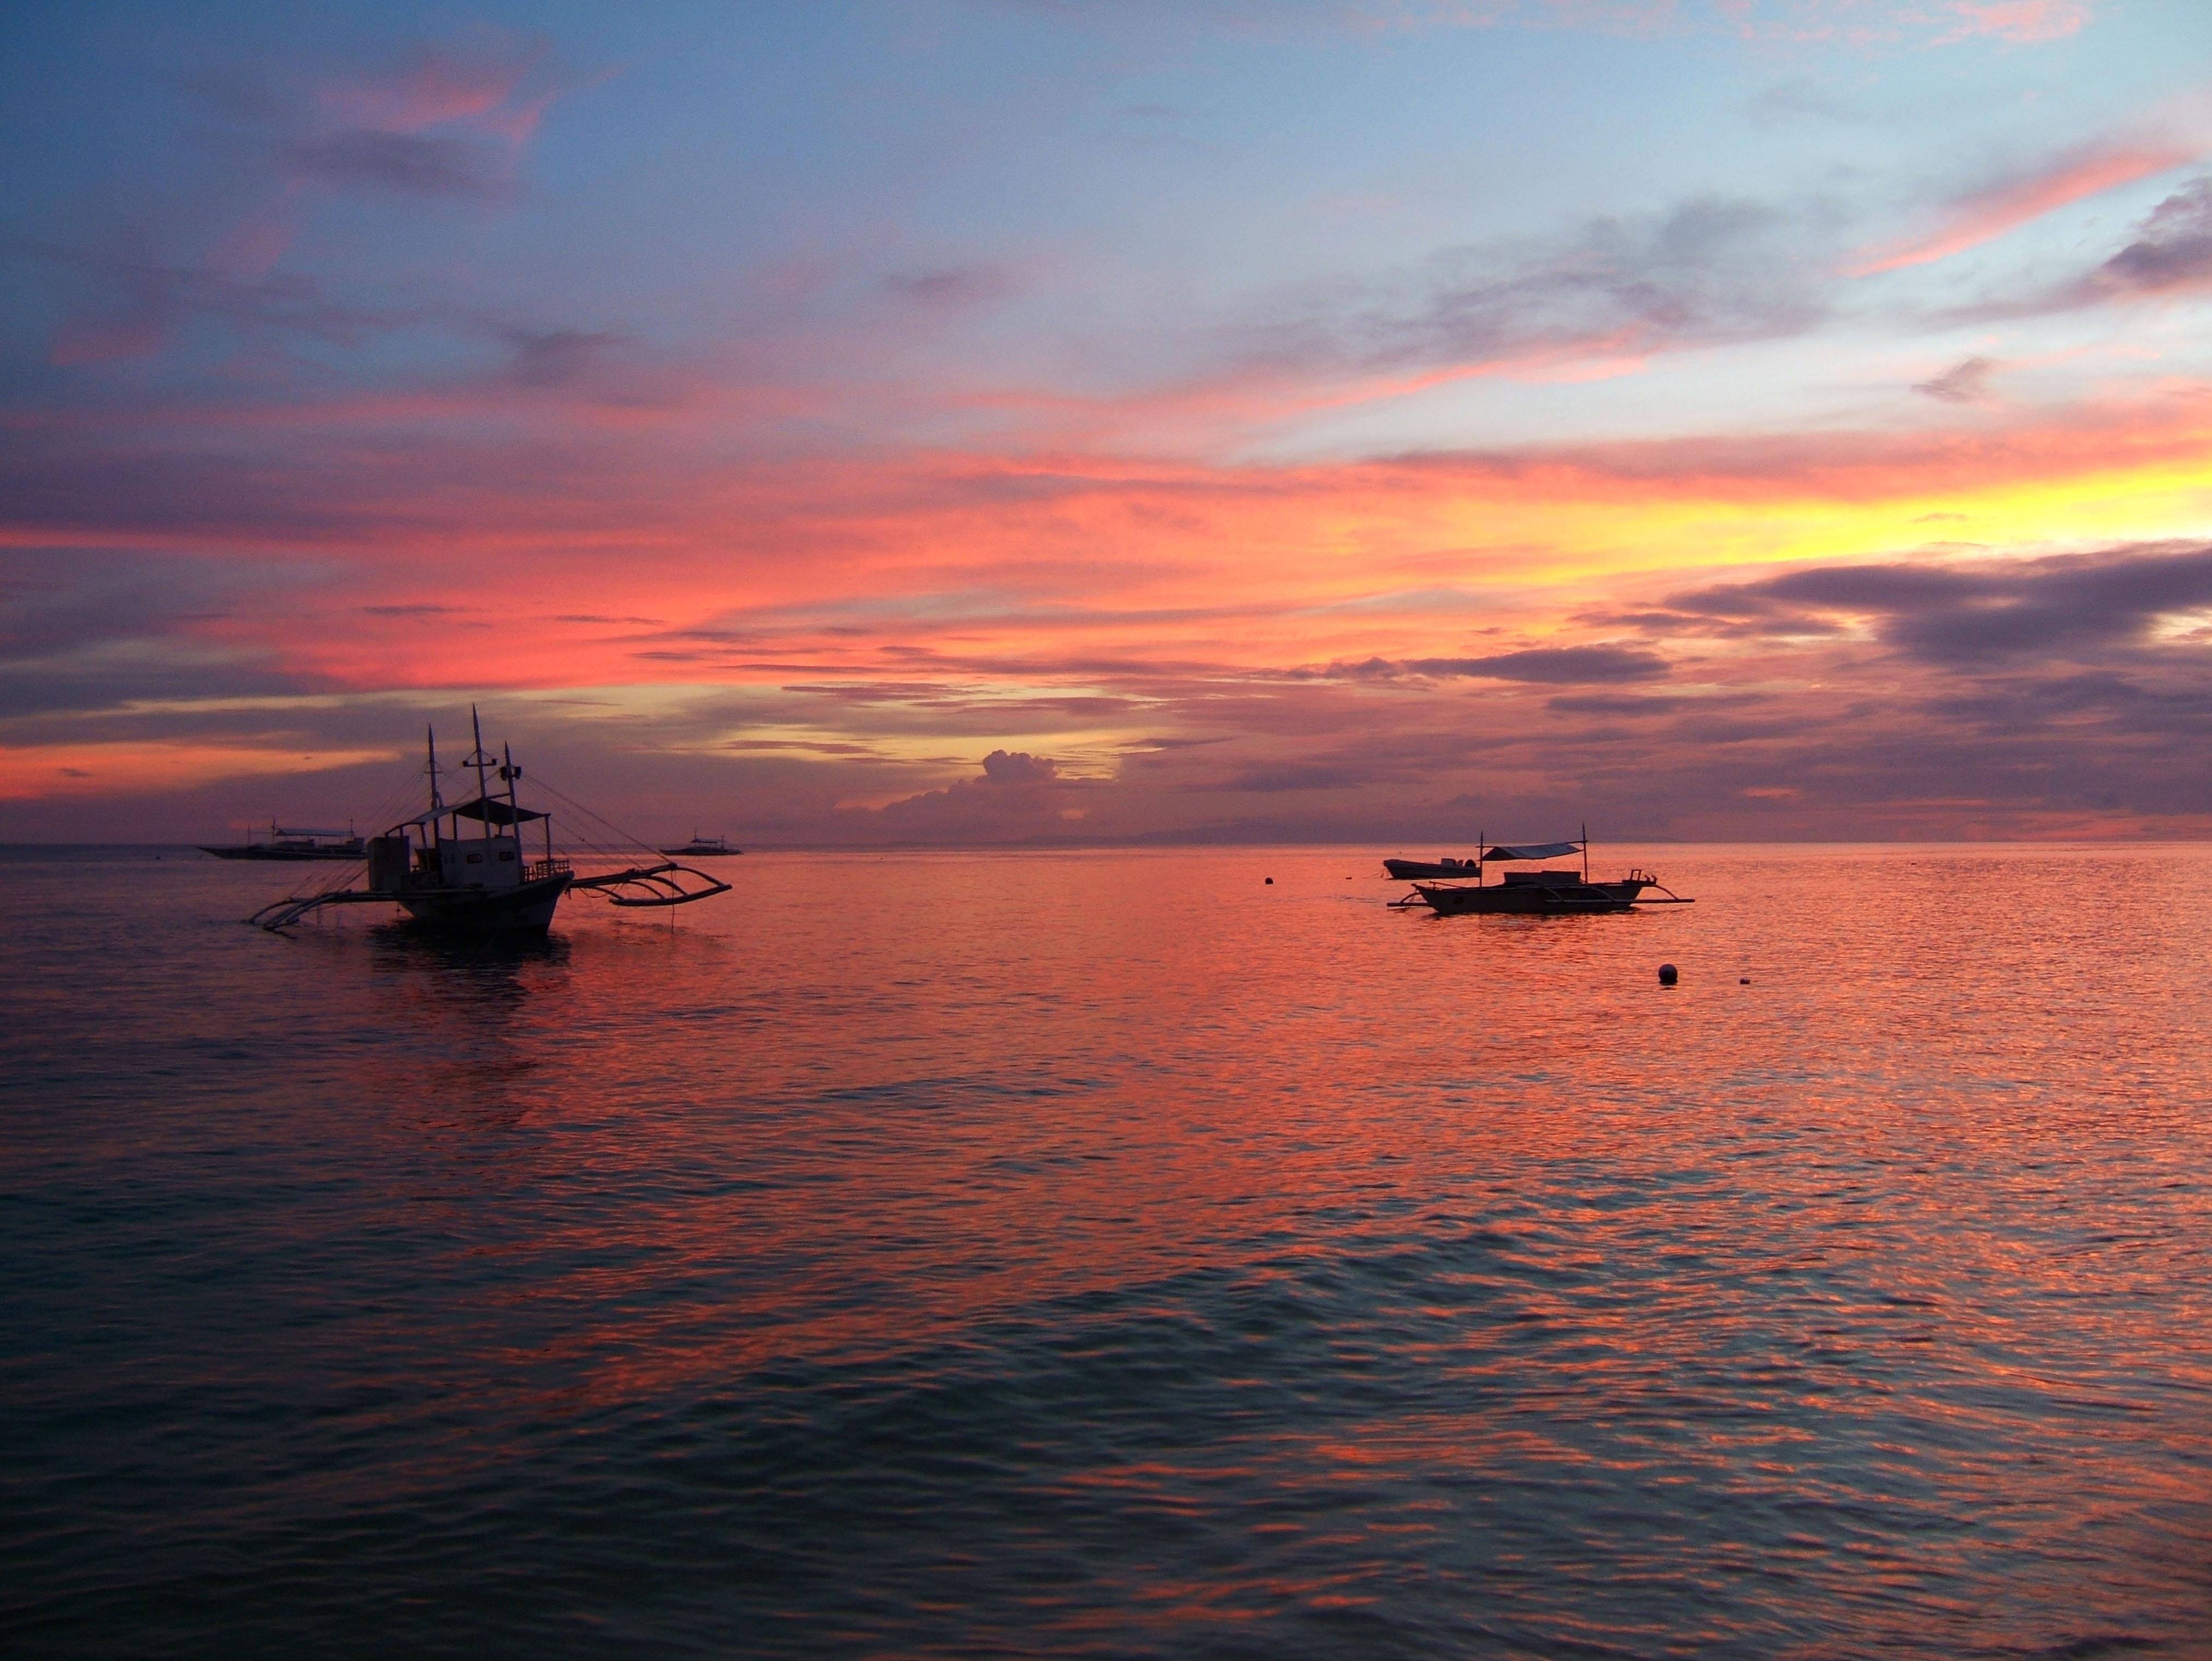 Sunset Philippines Cebu Bahoal 10